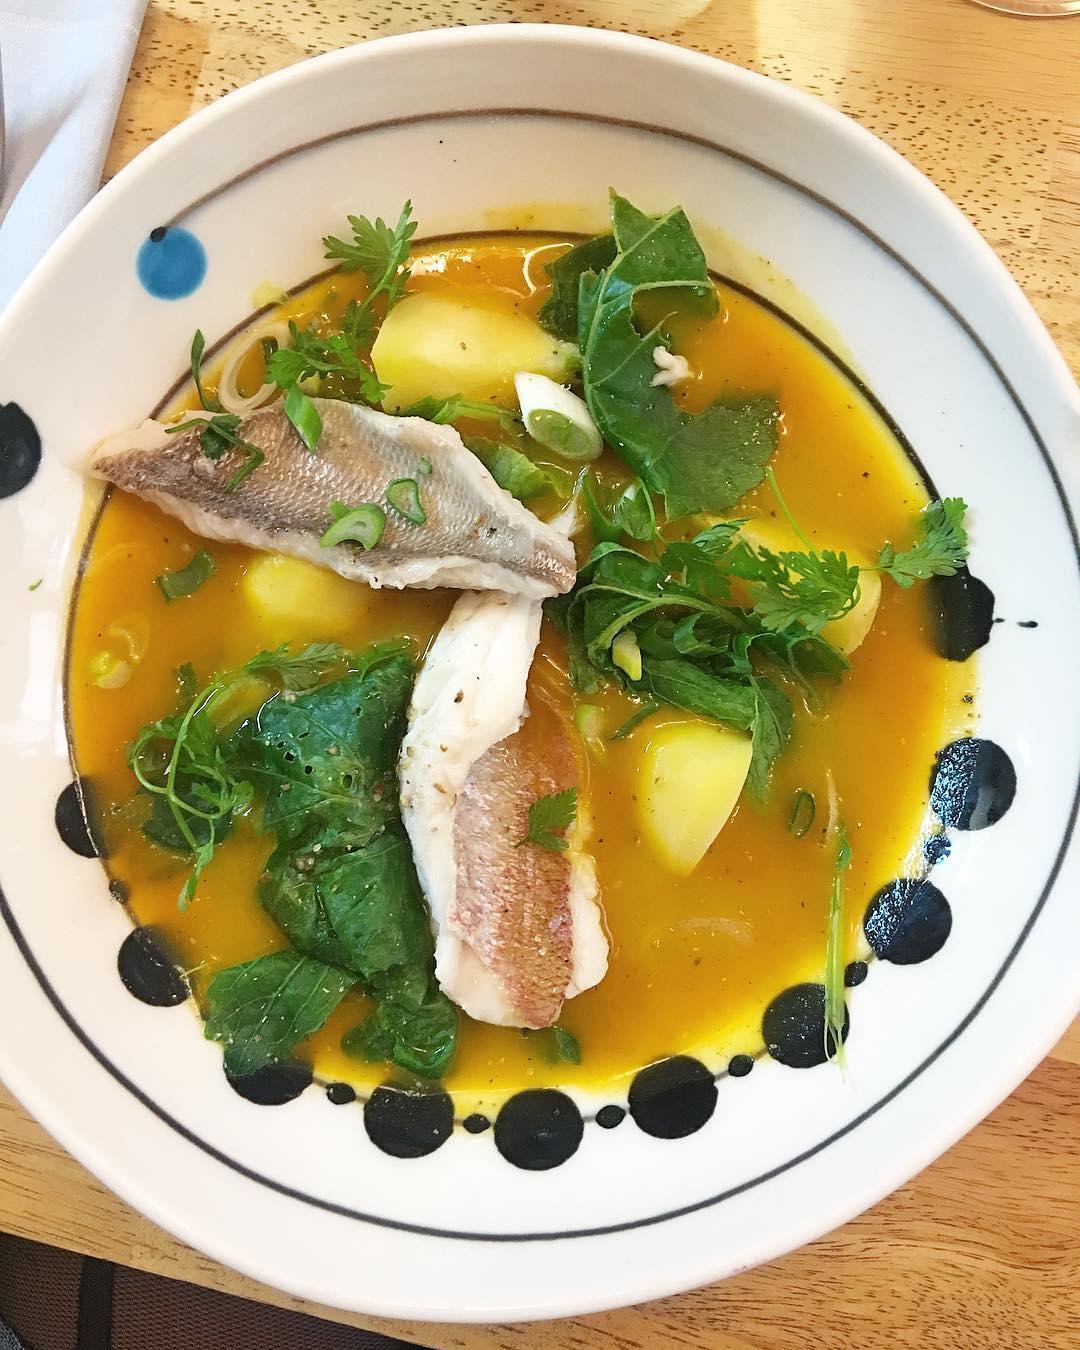 Poisson de Méditerranée, carottes et feuilles de curry ??? . . Toujours une régalade d'aller chez les garçons @restaurantanga ! Toujours des découvertes gustatives... ils sont forts! . . ➕ ANGA • Restaurant . ?MONTPELLIER(34)?? ??? Article sur le blog {lien dans la bio} ______ #anga #angamontpellier #angarestaurant #bibmichelin #Food #gastronomie #cooking #foodblog #Blog #PintadeMontpellier #Montpellier #BlogueuseFood #BlogFood #foodblogger #montpellier #lunch #diner